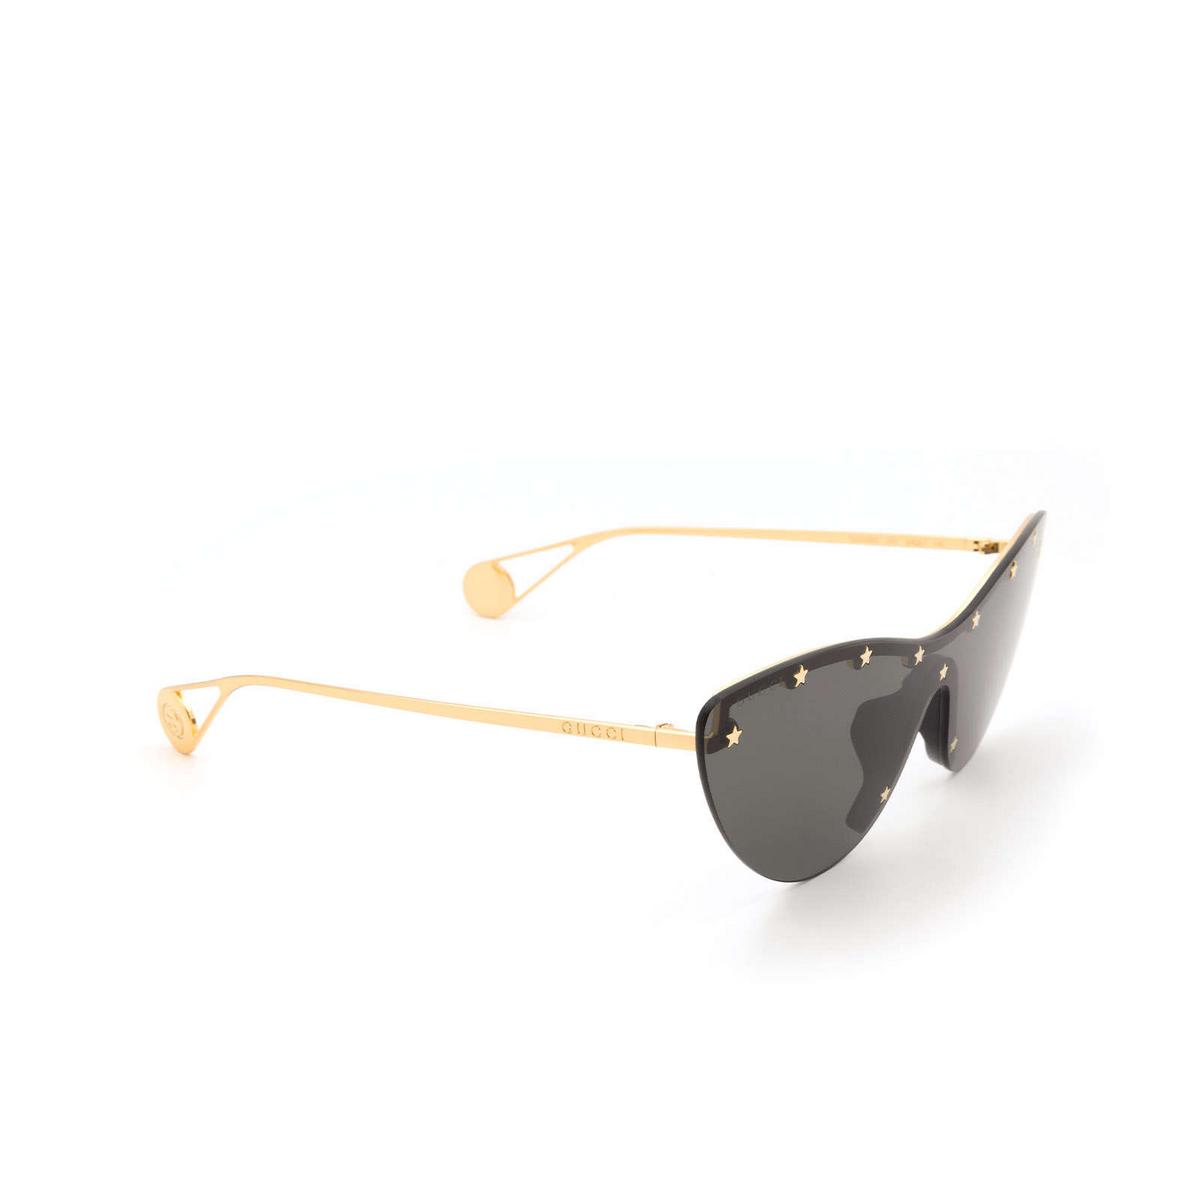 Gucci® Mask Sunglasses: GG0666S color Black 001 - three-quarters view.